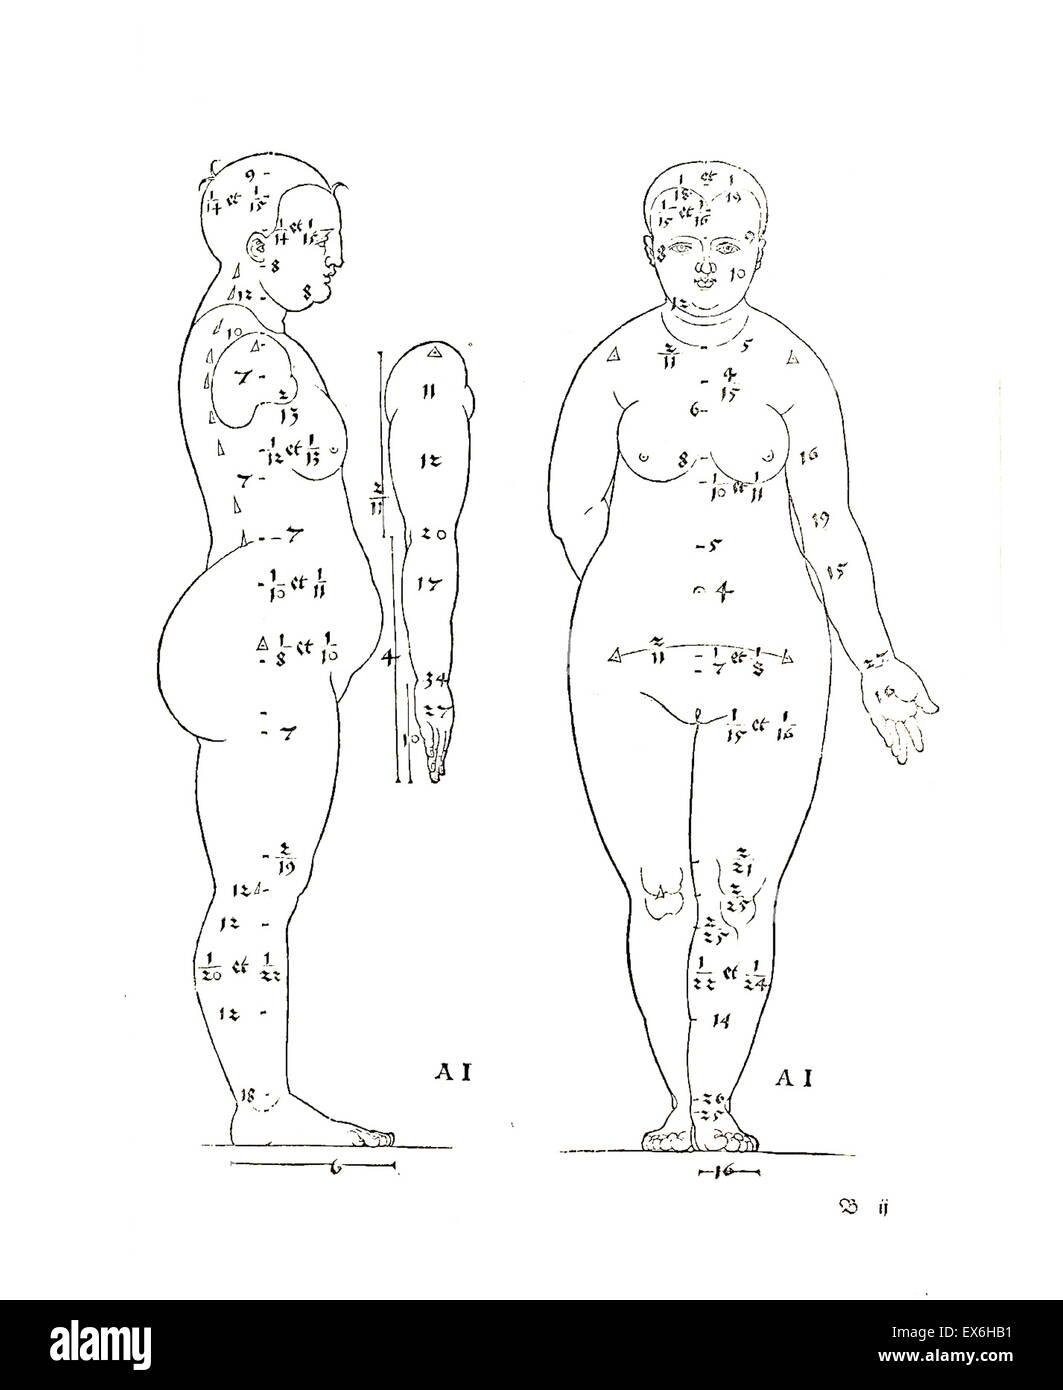 Anatomical illustration from 'Vier Bücher von menschlicher Proportion' ' by Albrecht Dürer - Stock Image